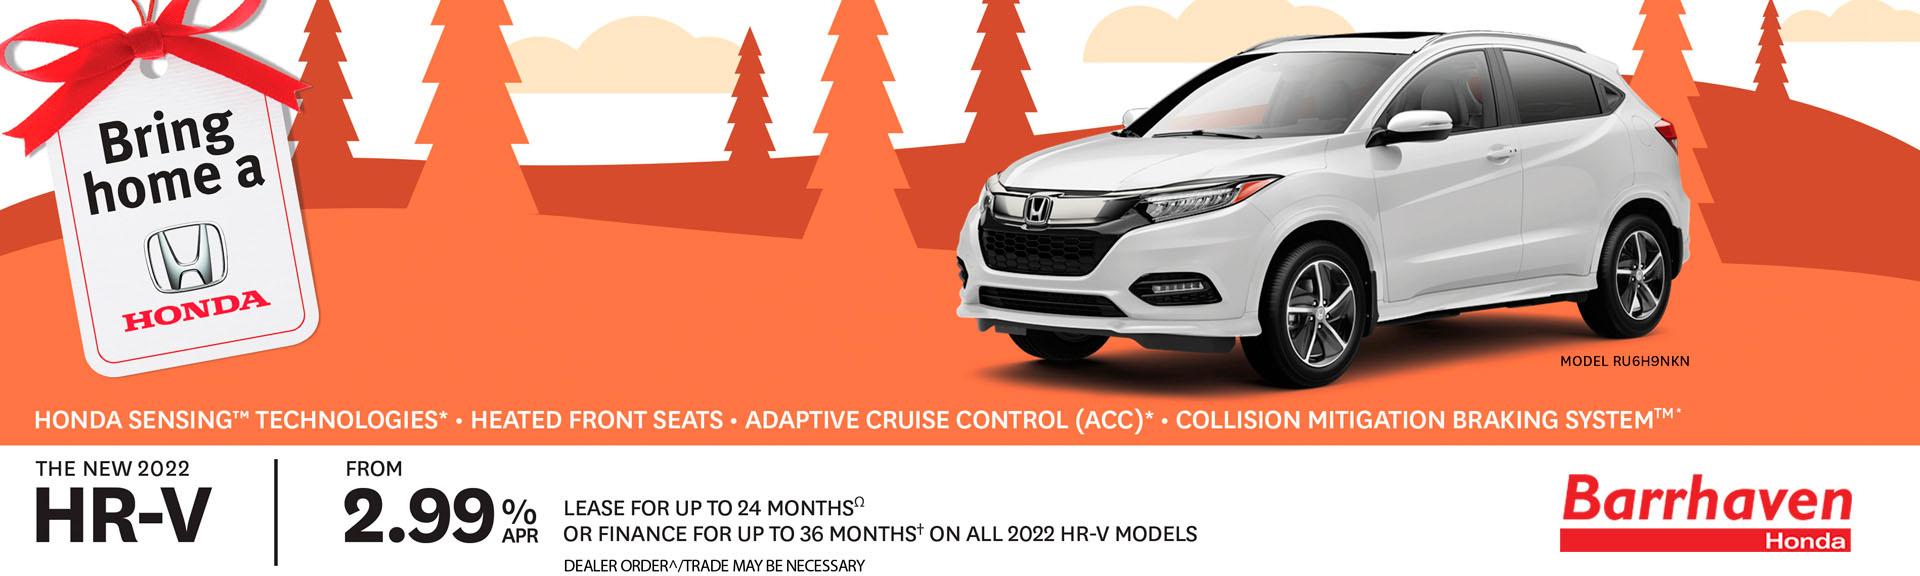 2022 Honda HR-V Promotional Banner